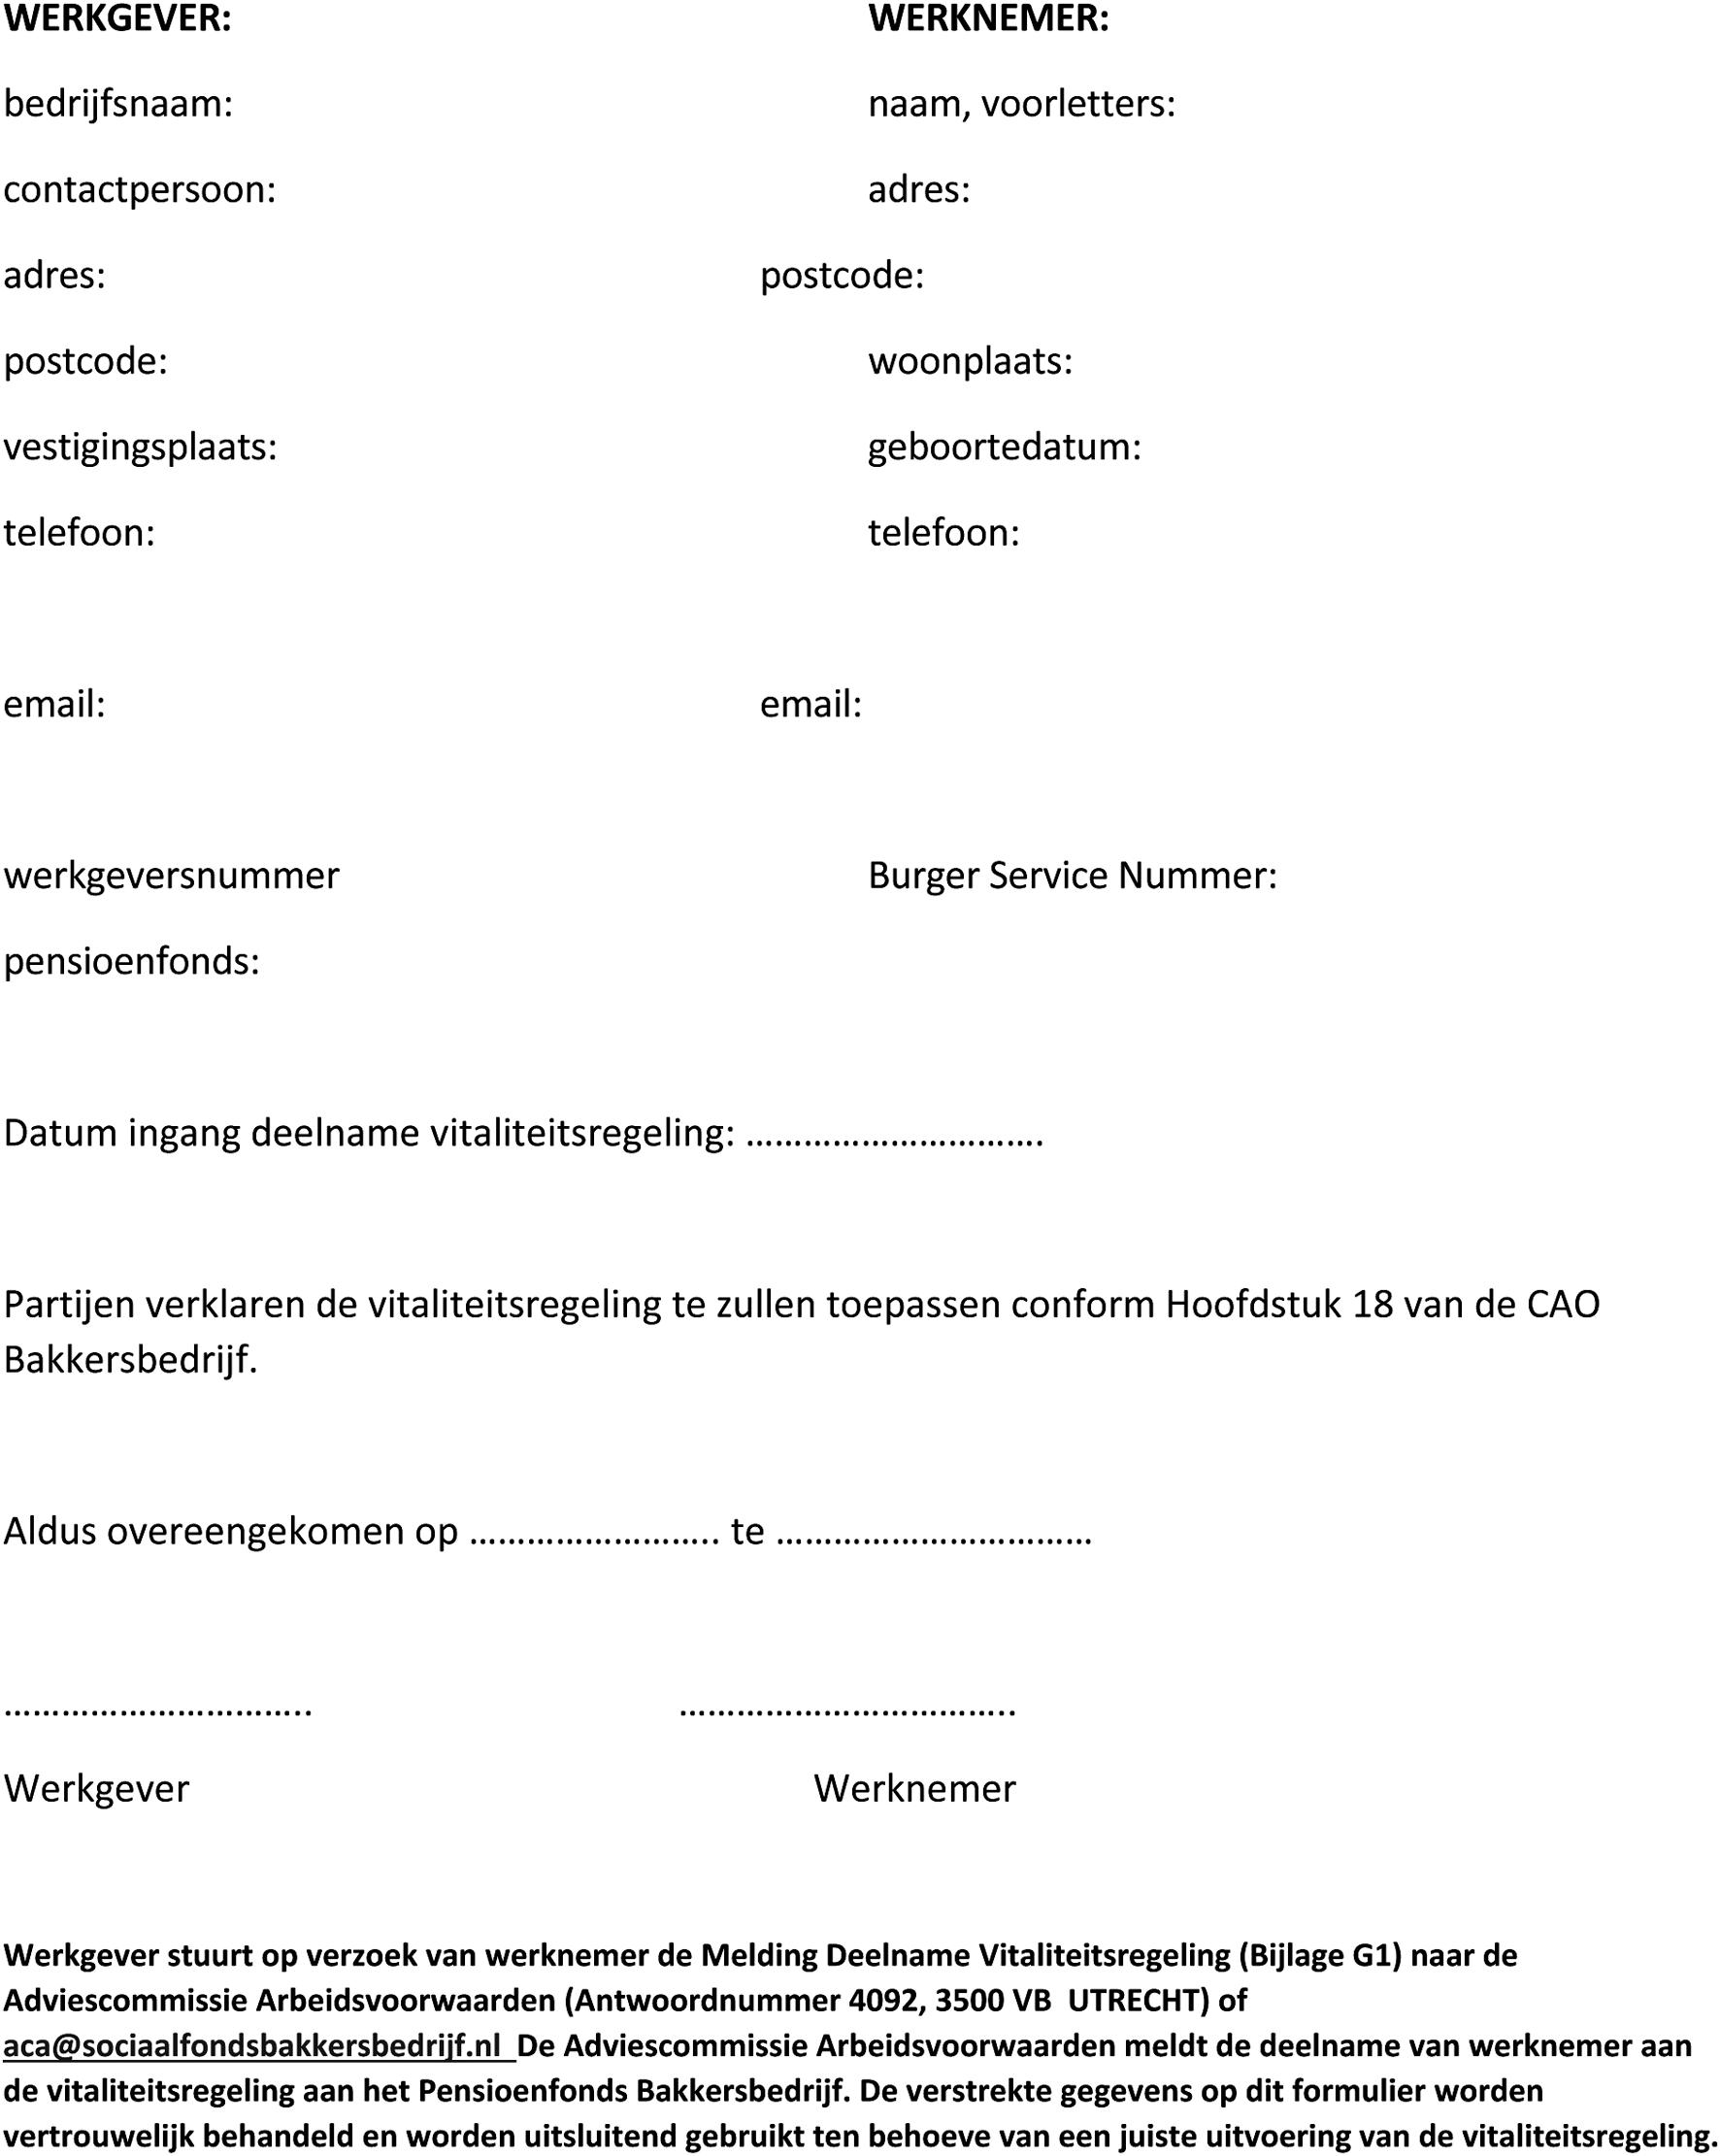 intentieverklaring bindend Intentieverklaring Werkgever Bindend | gantinova